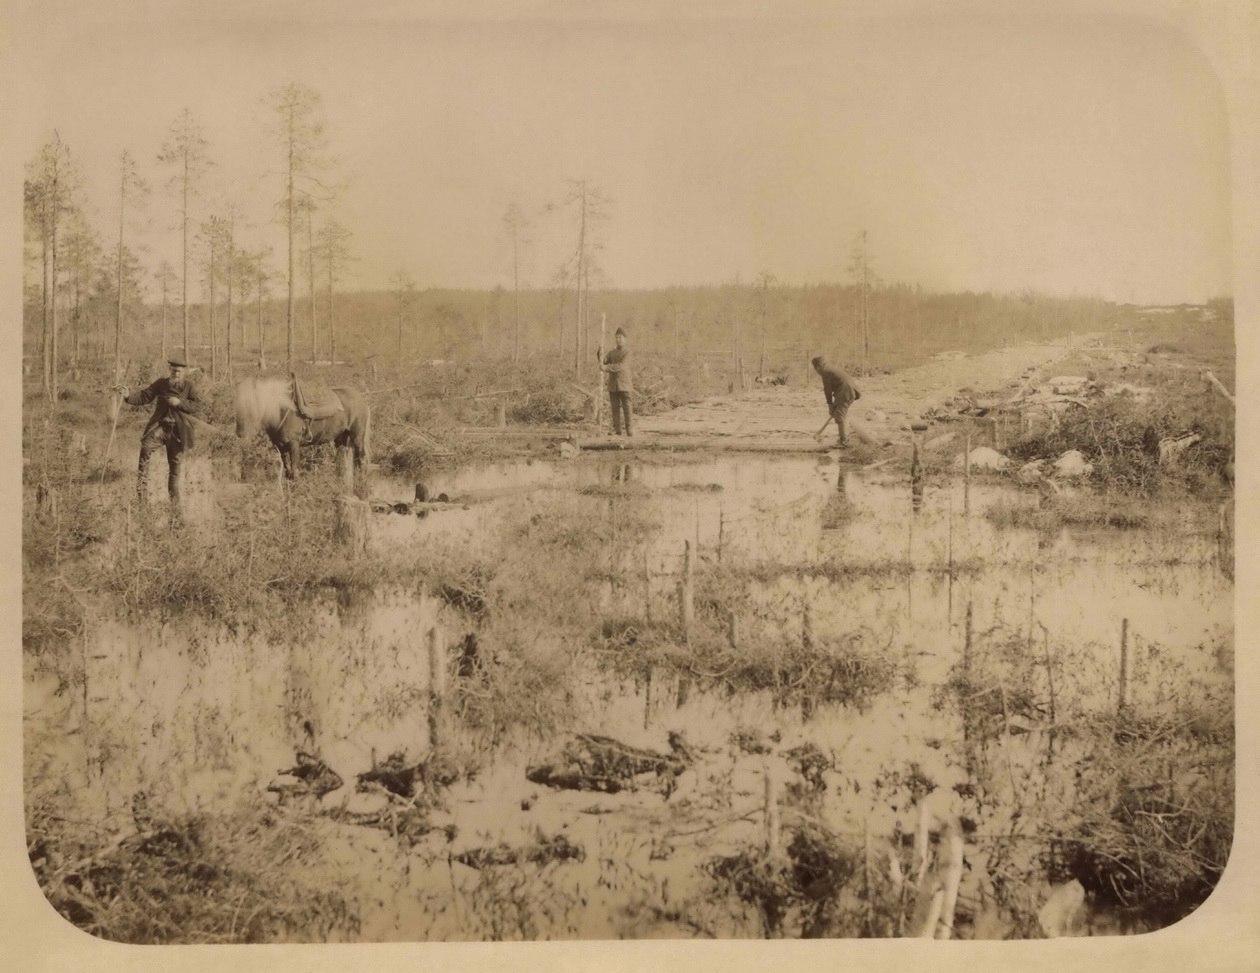 Начало строительных работ, прокладка и устройство временной дороги через болота. 1894